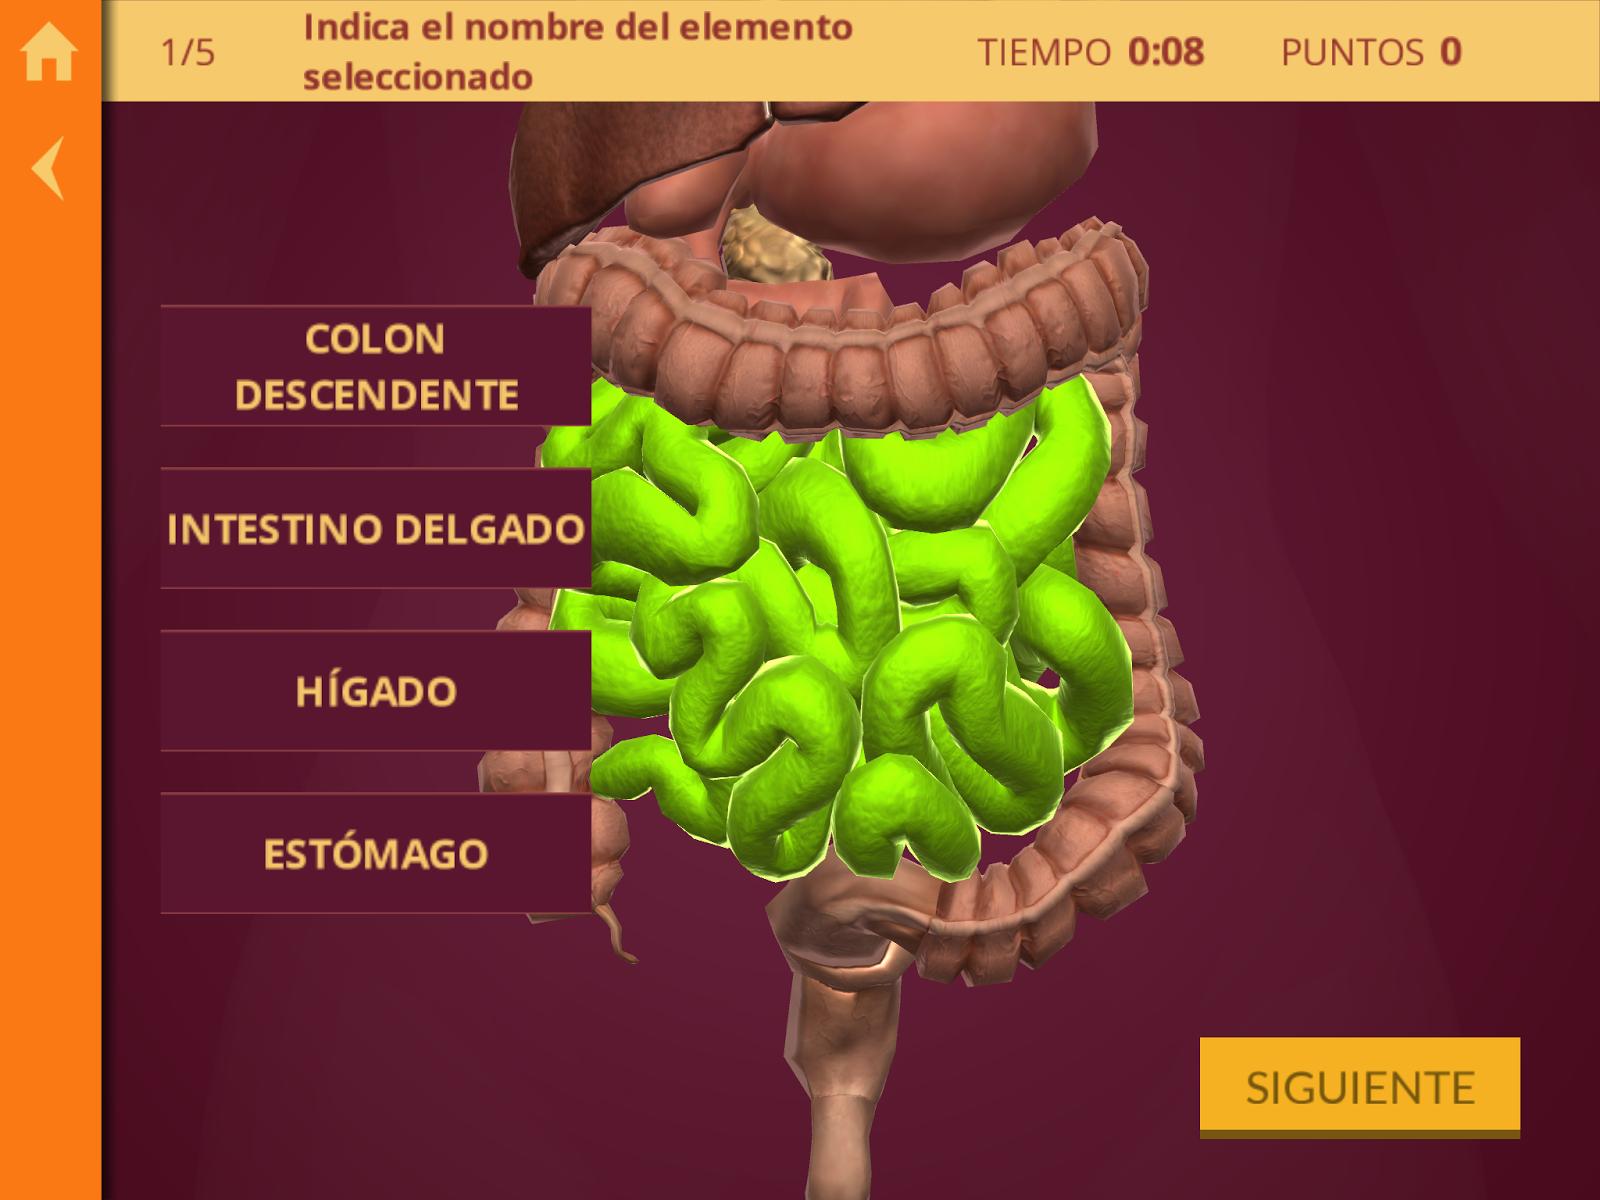 1 Badoink Vr La Mejor Experiencia Porno Sin Censura realidad aumentada perú: enero 2015